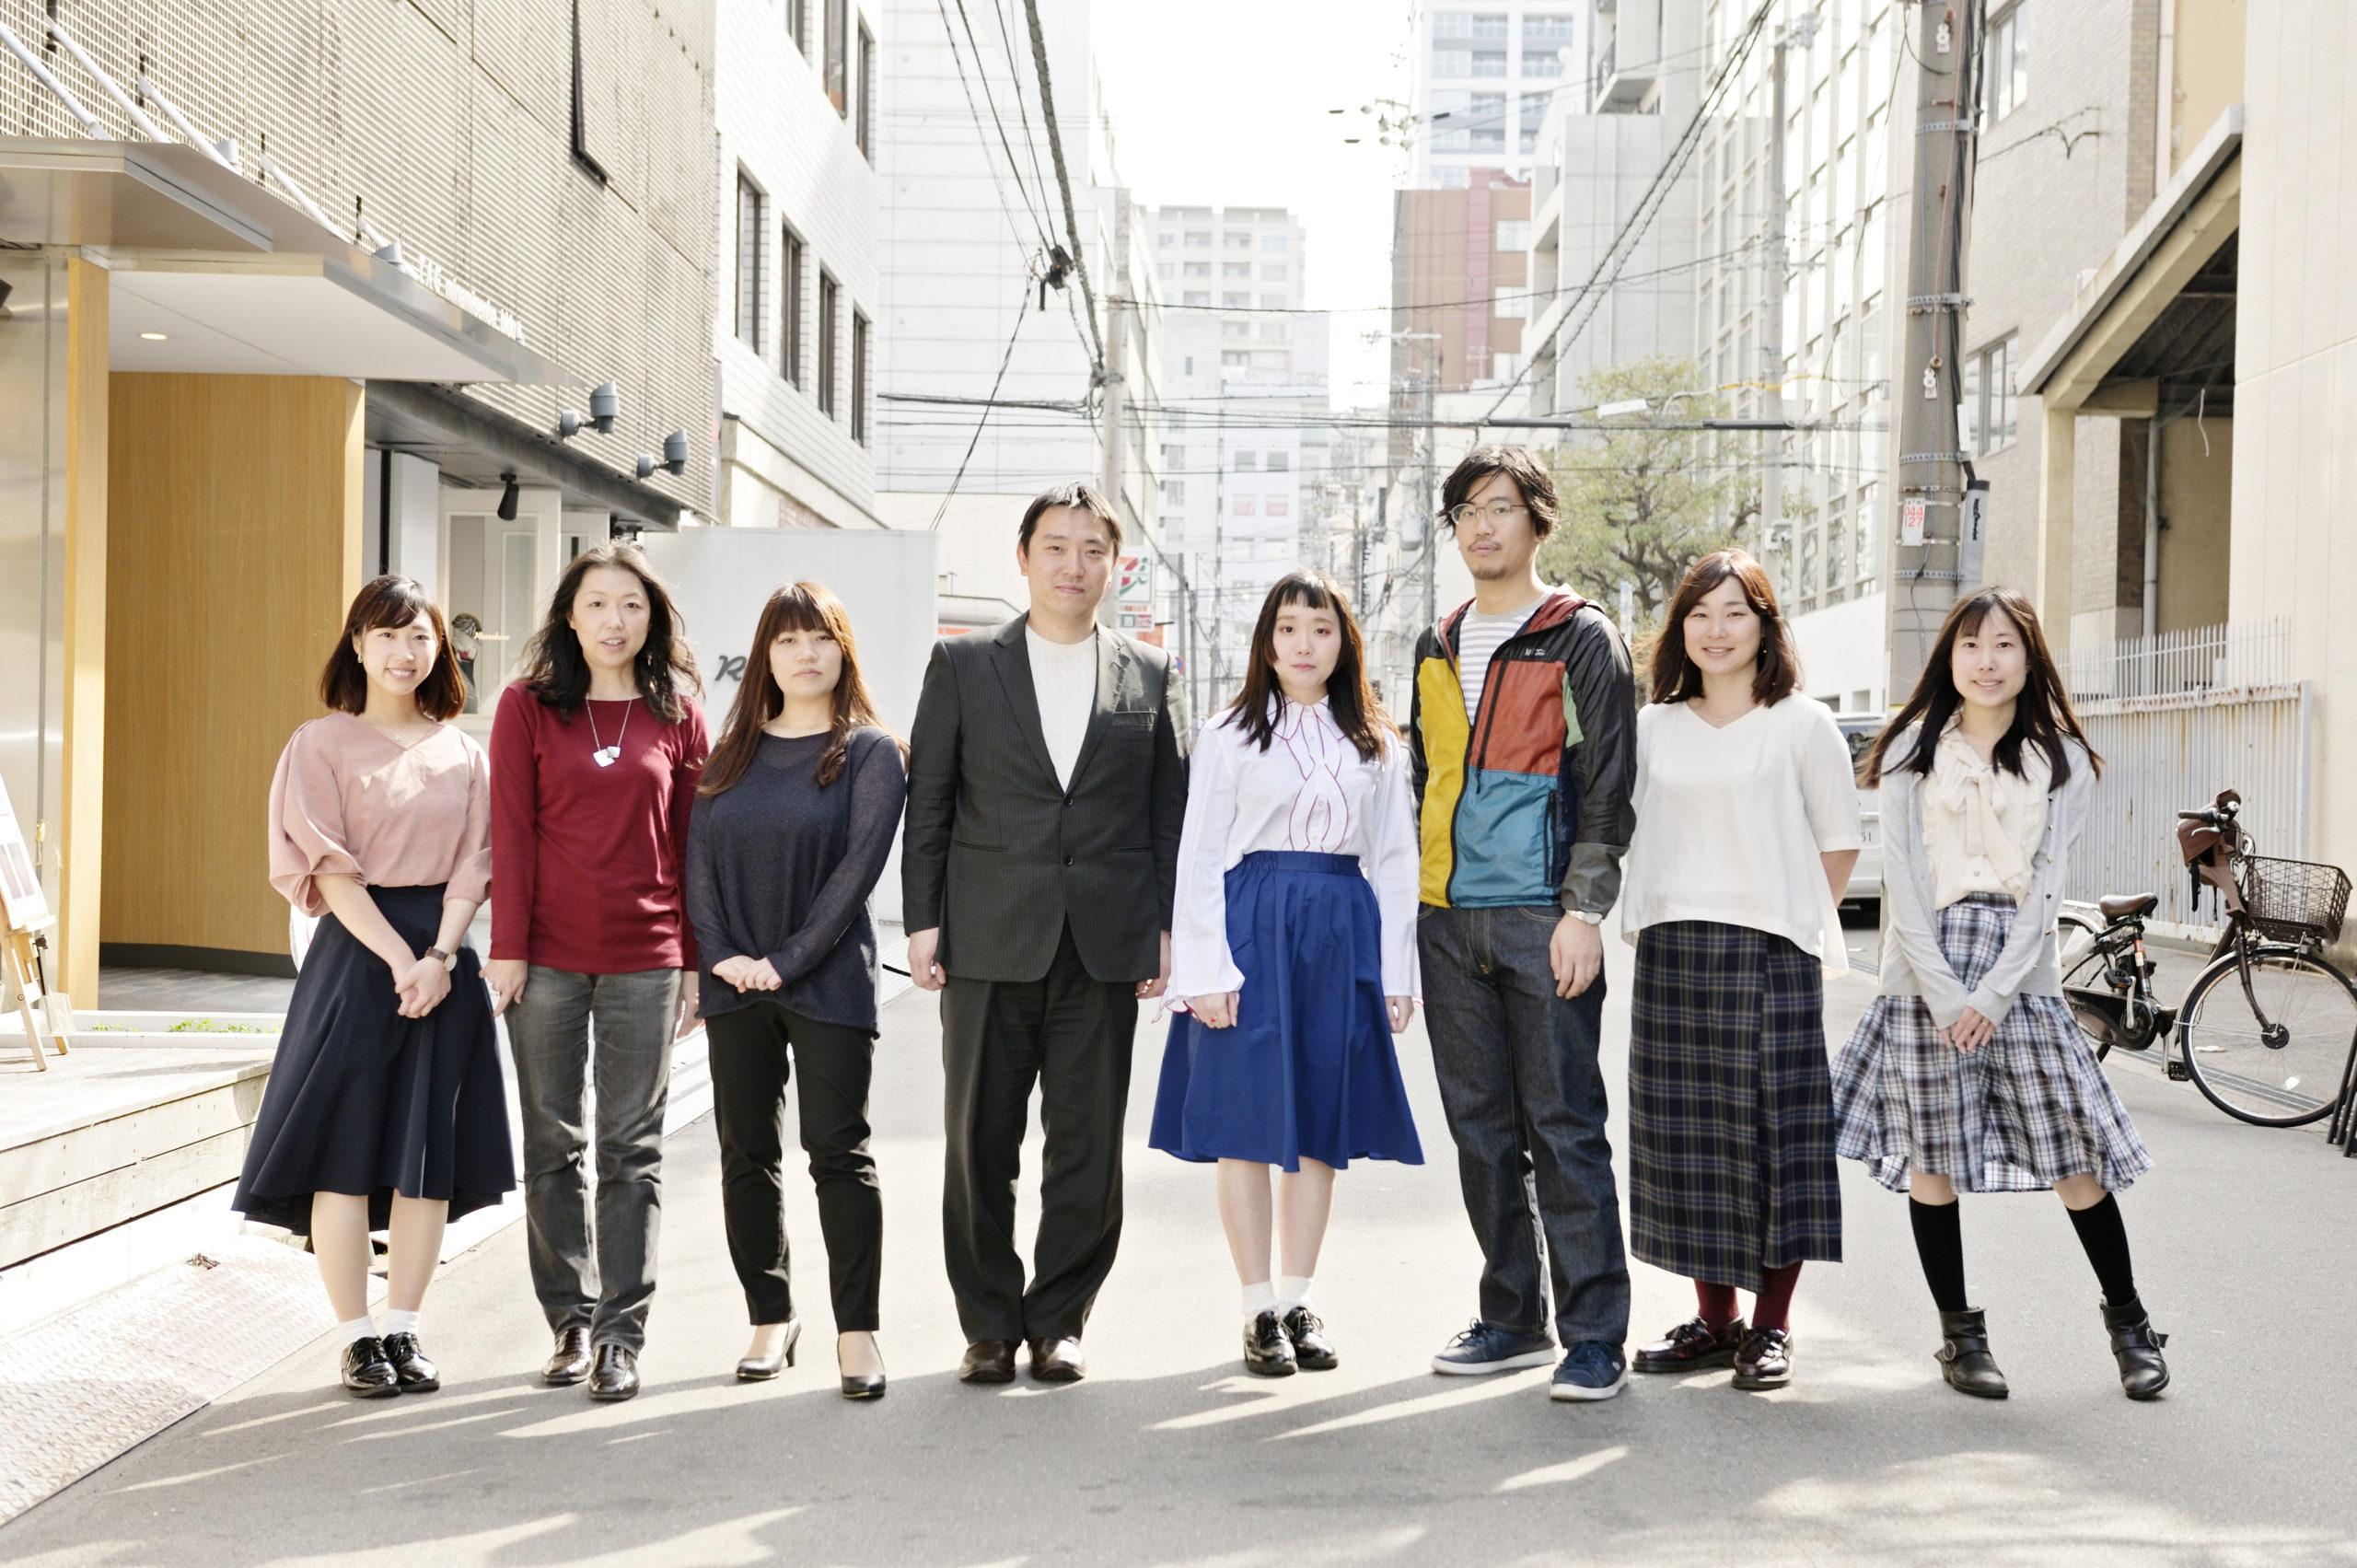 人材紹介(飲食業界専門)会社のコーポレートサイトの制作